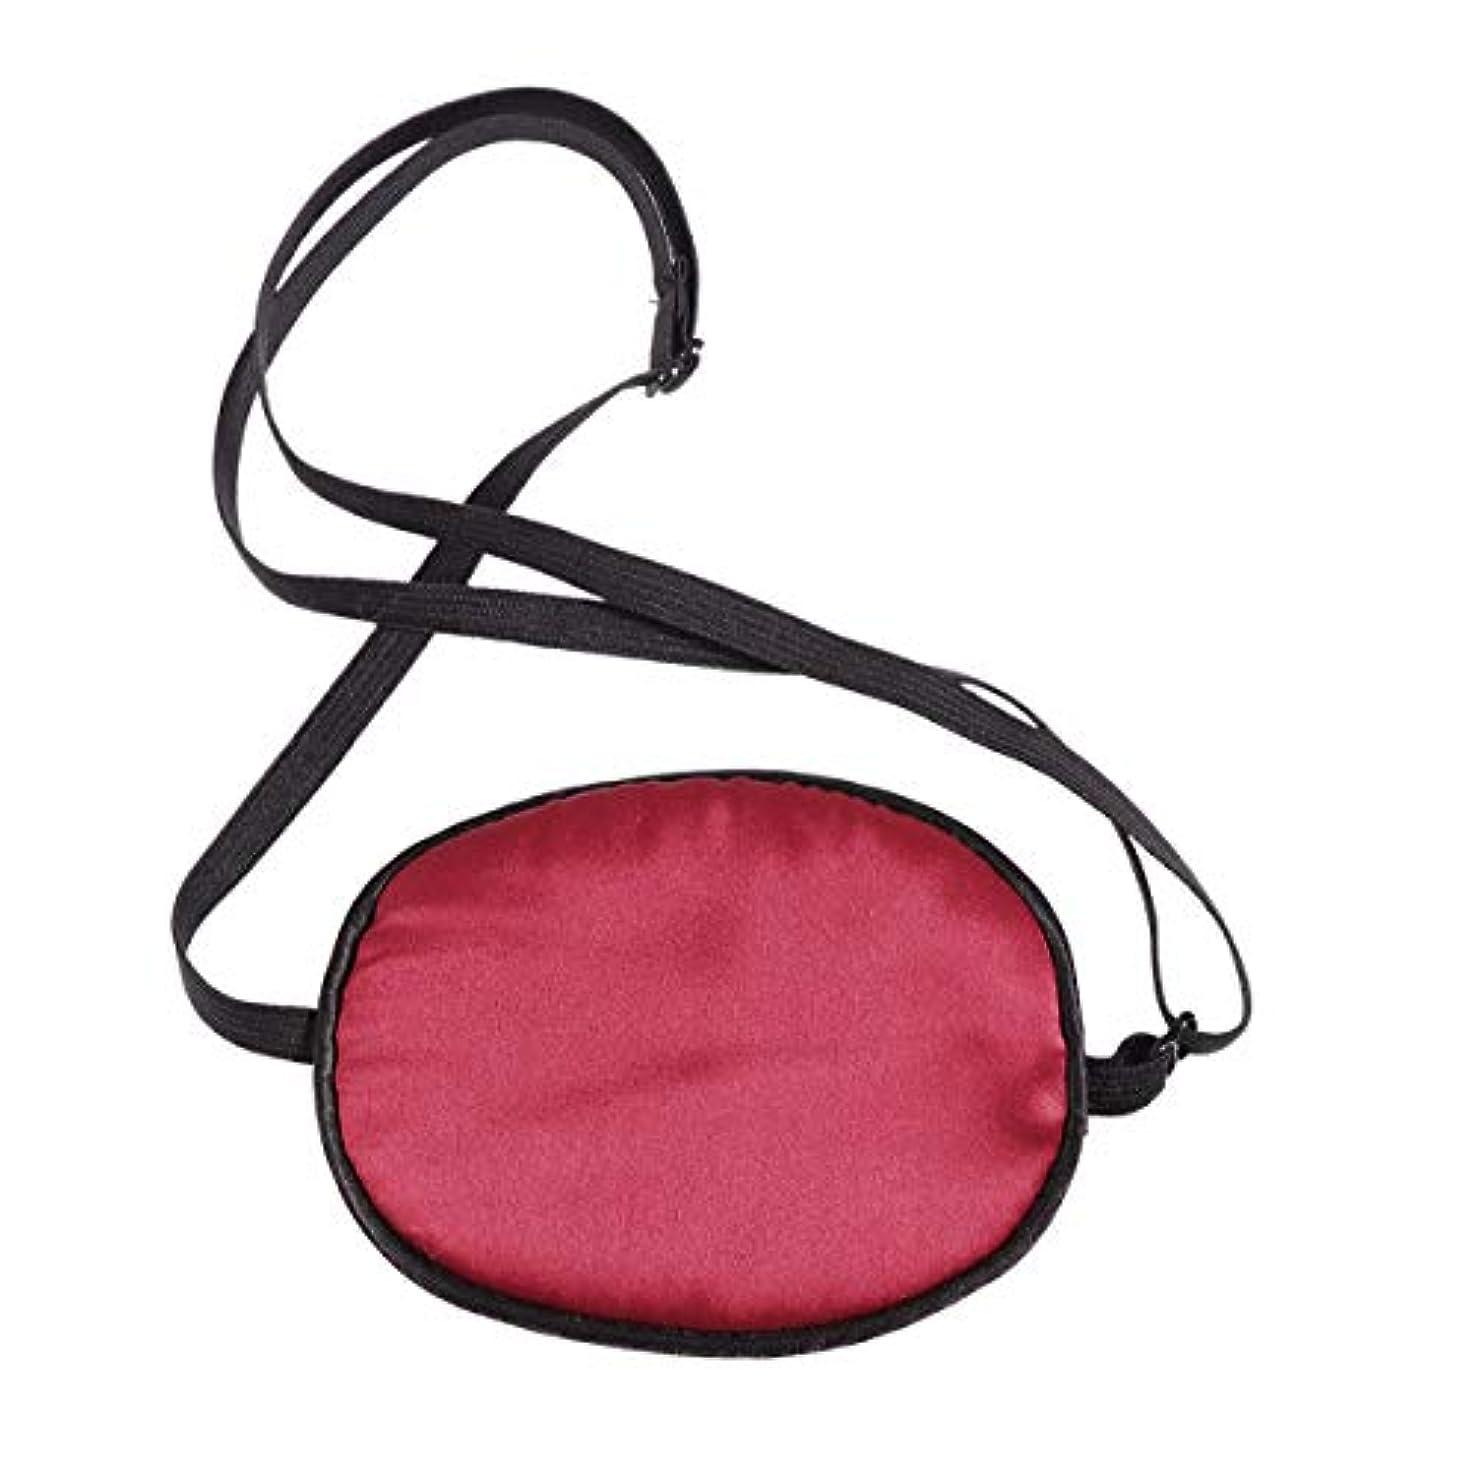 咲くアルカイック水差しHEALIFTY 睡眠の目隠し調節可能な絹の海賊目のパッチ子供の弱視のためのソフトで快適な単一の目のマスク正面の怠惰な目